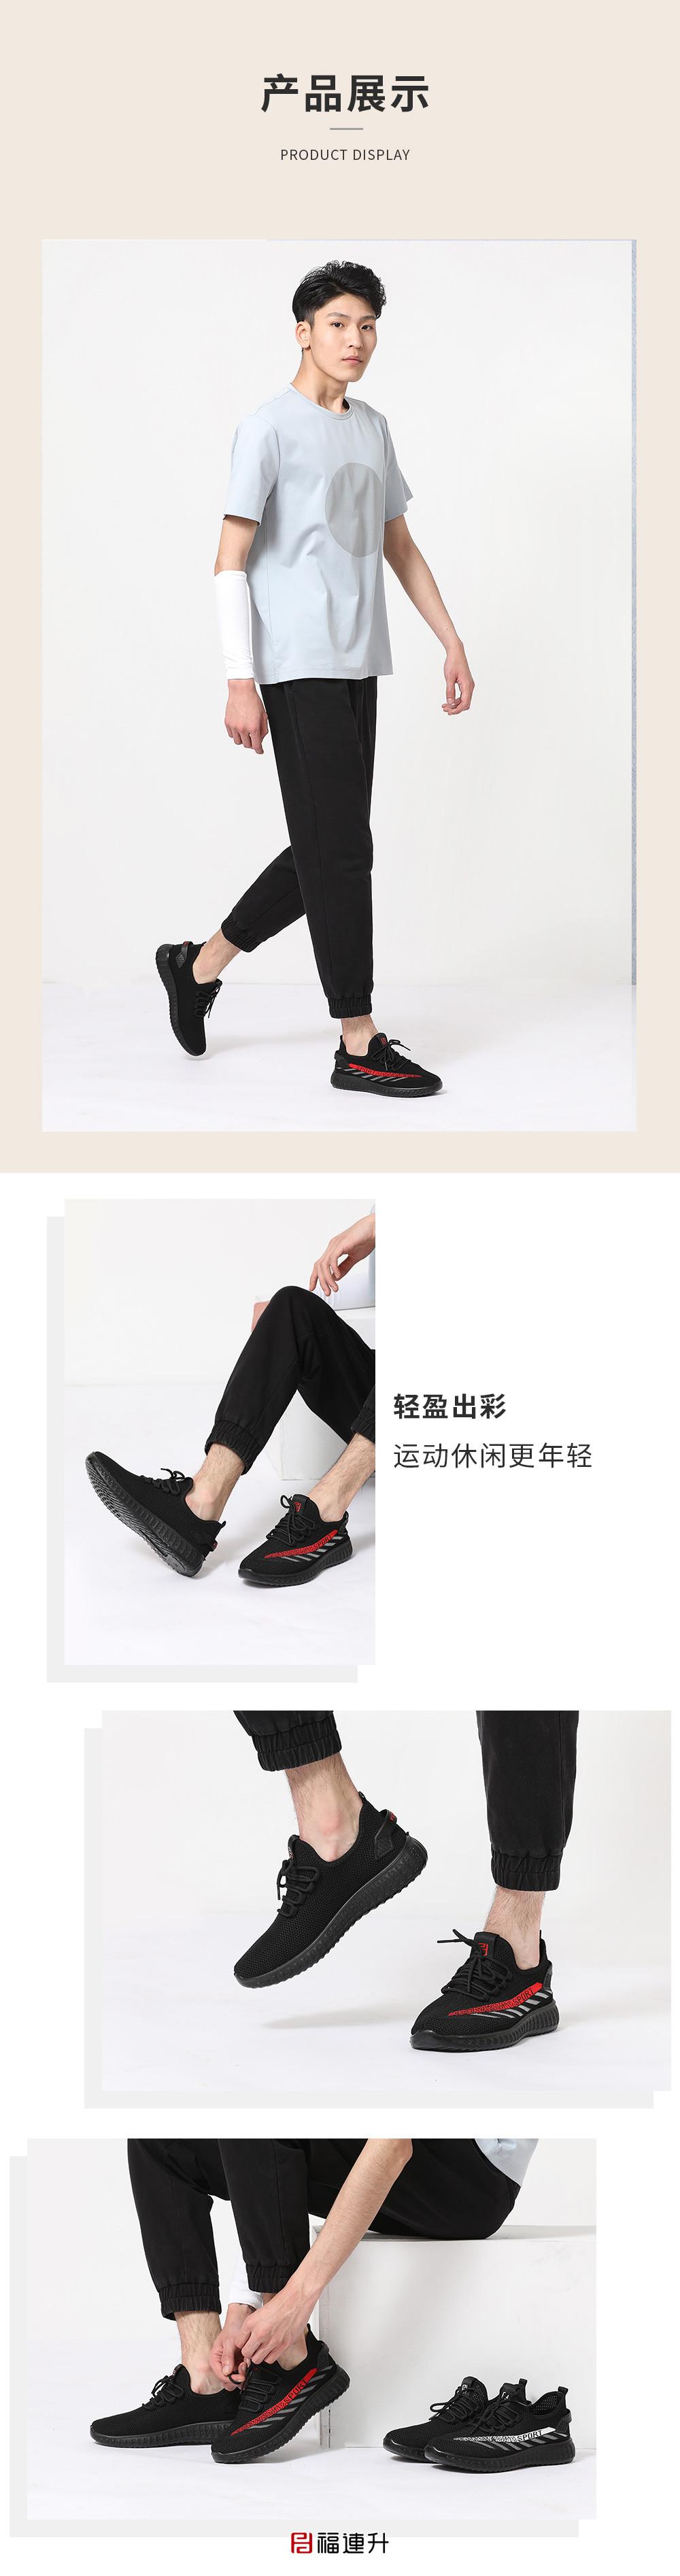 福连升夏款男士大网透气椰子鞋运动凉鞋图片